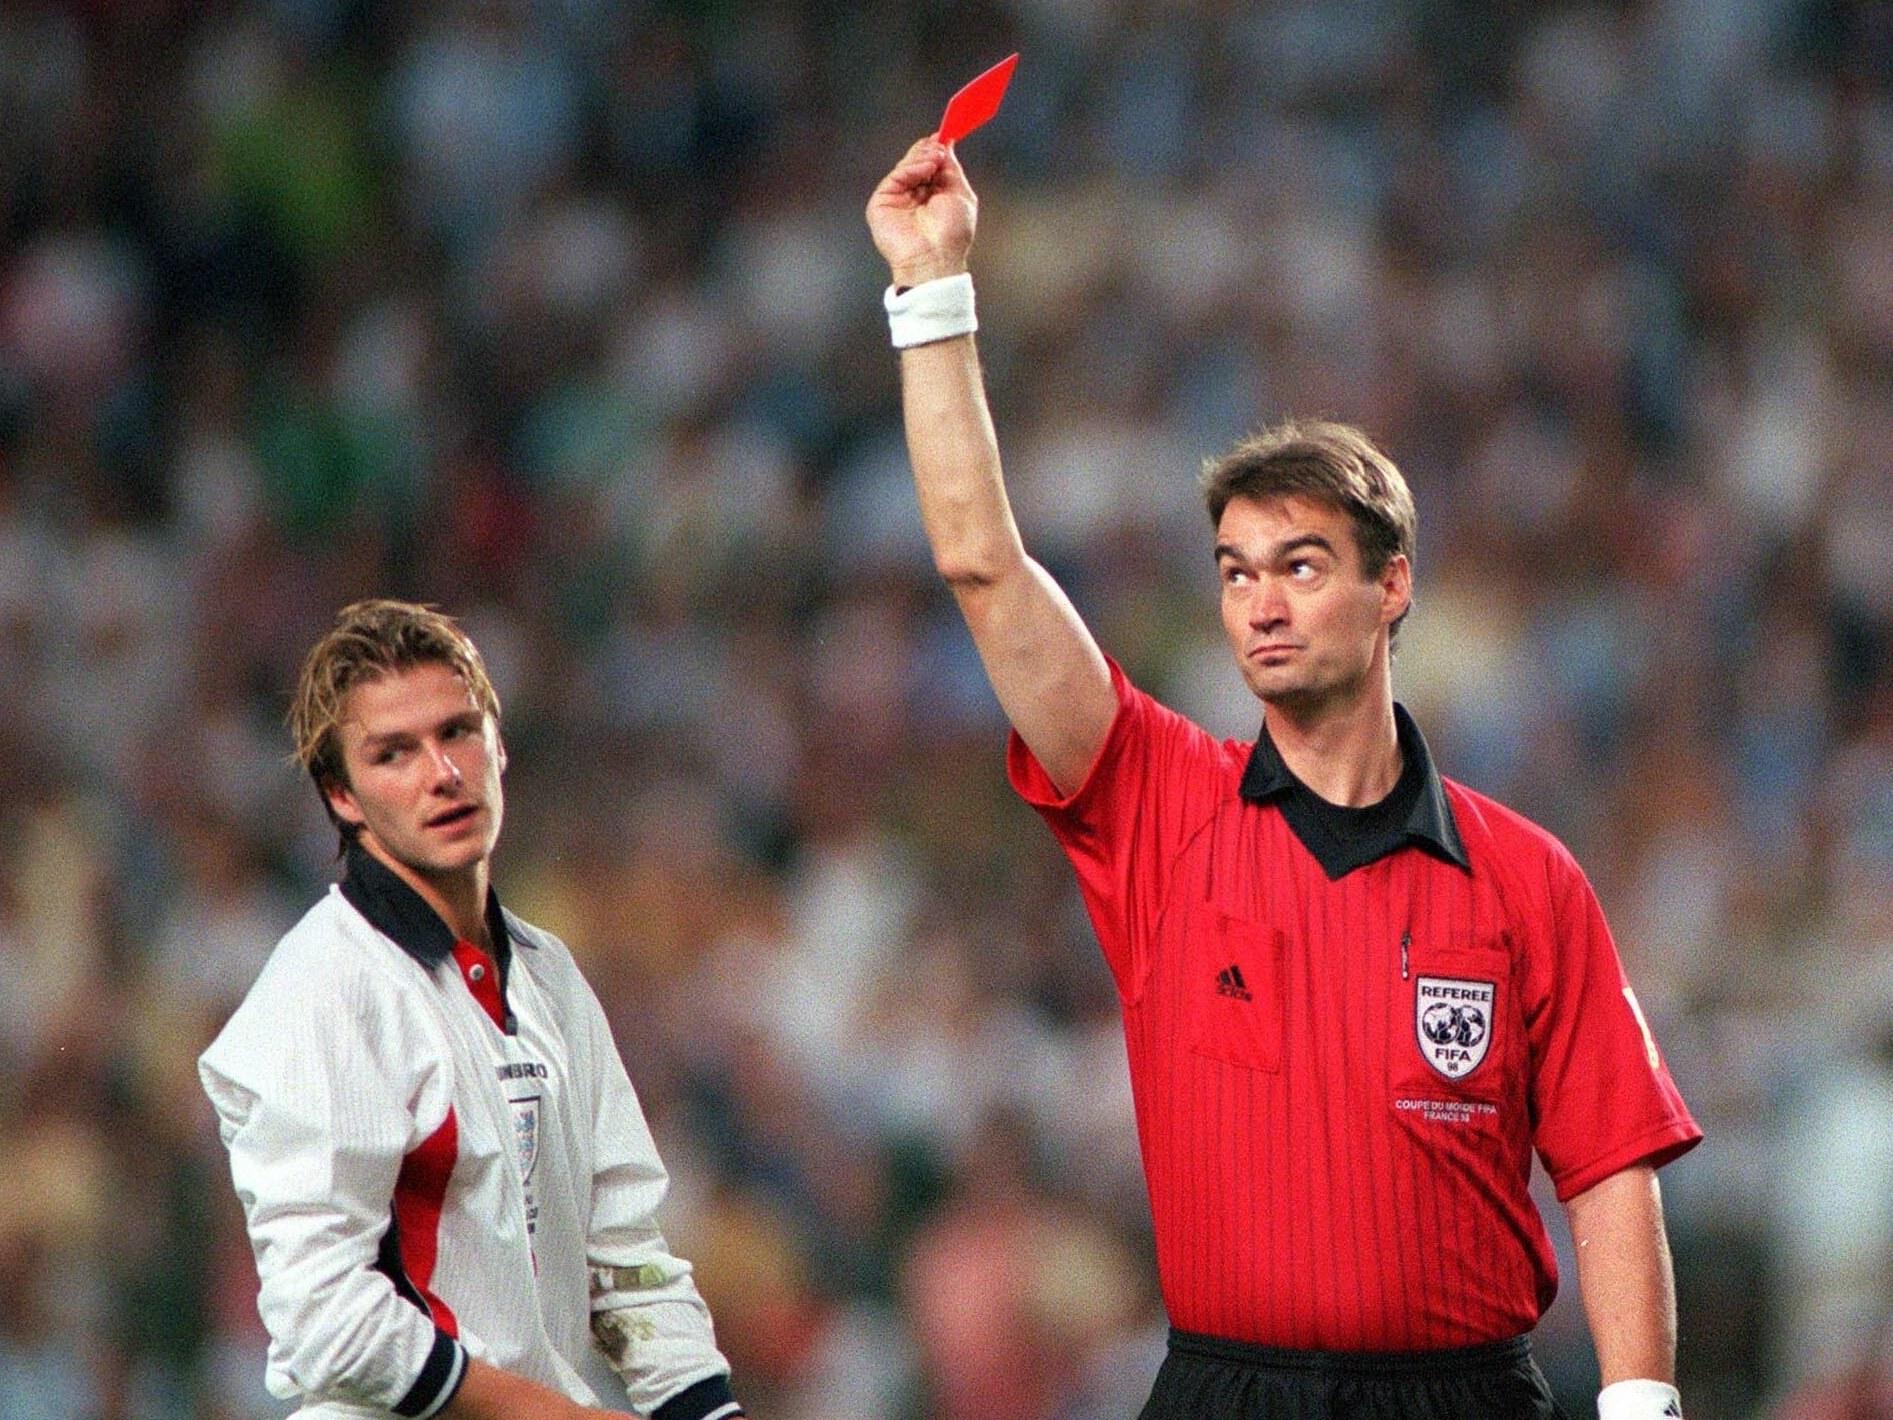 Sepuluh Singa Heroik Satu David Beckham Yang Bodoh